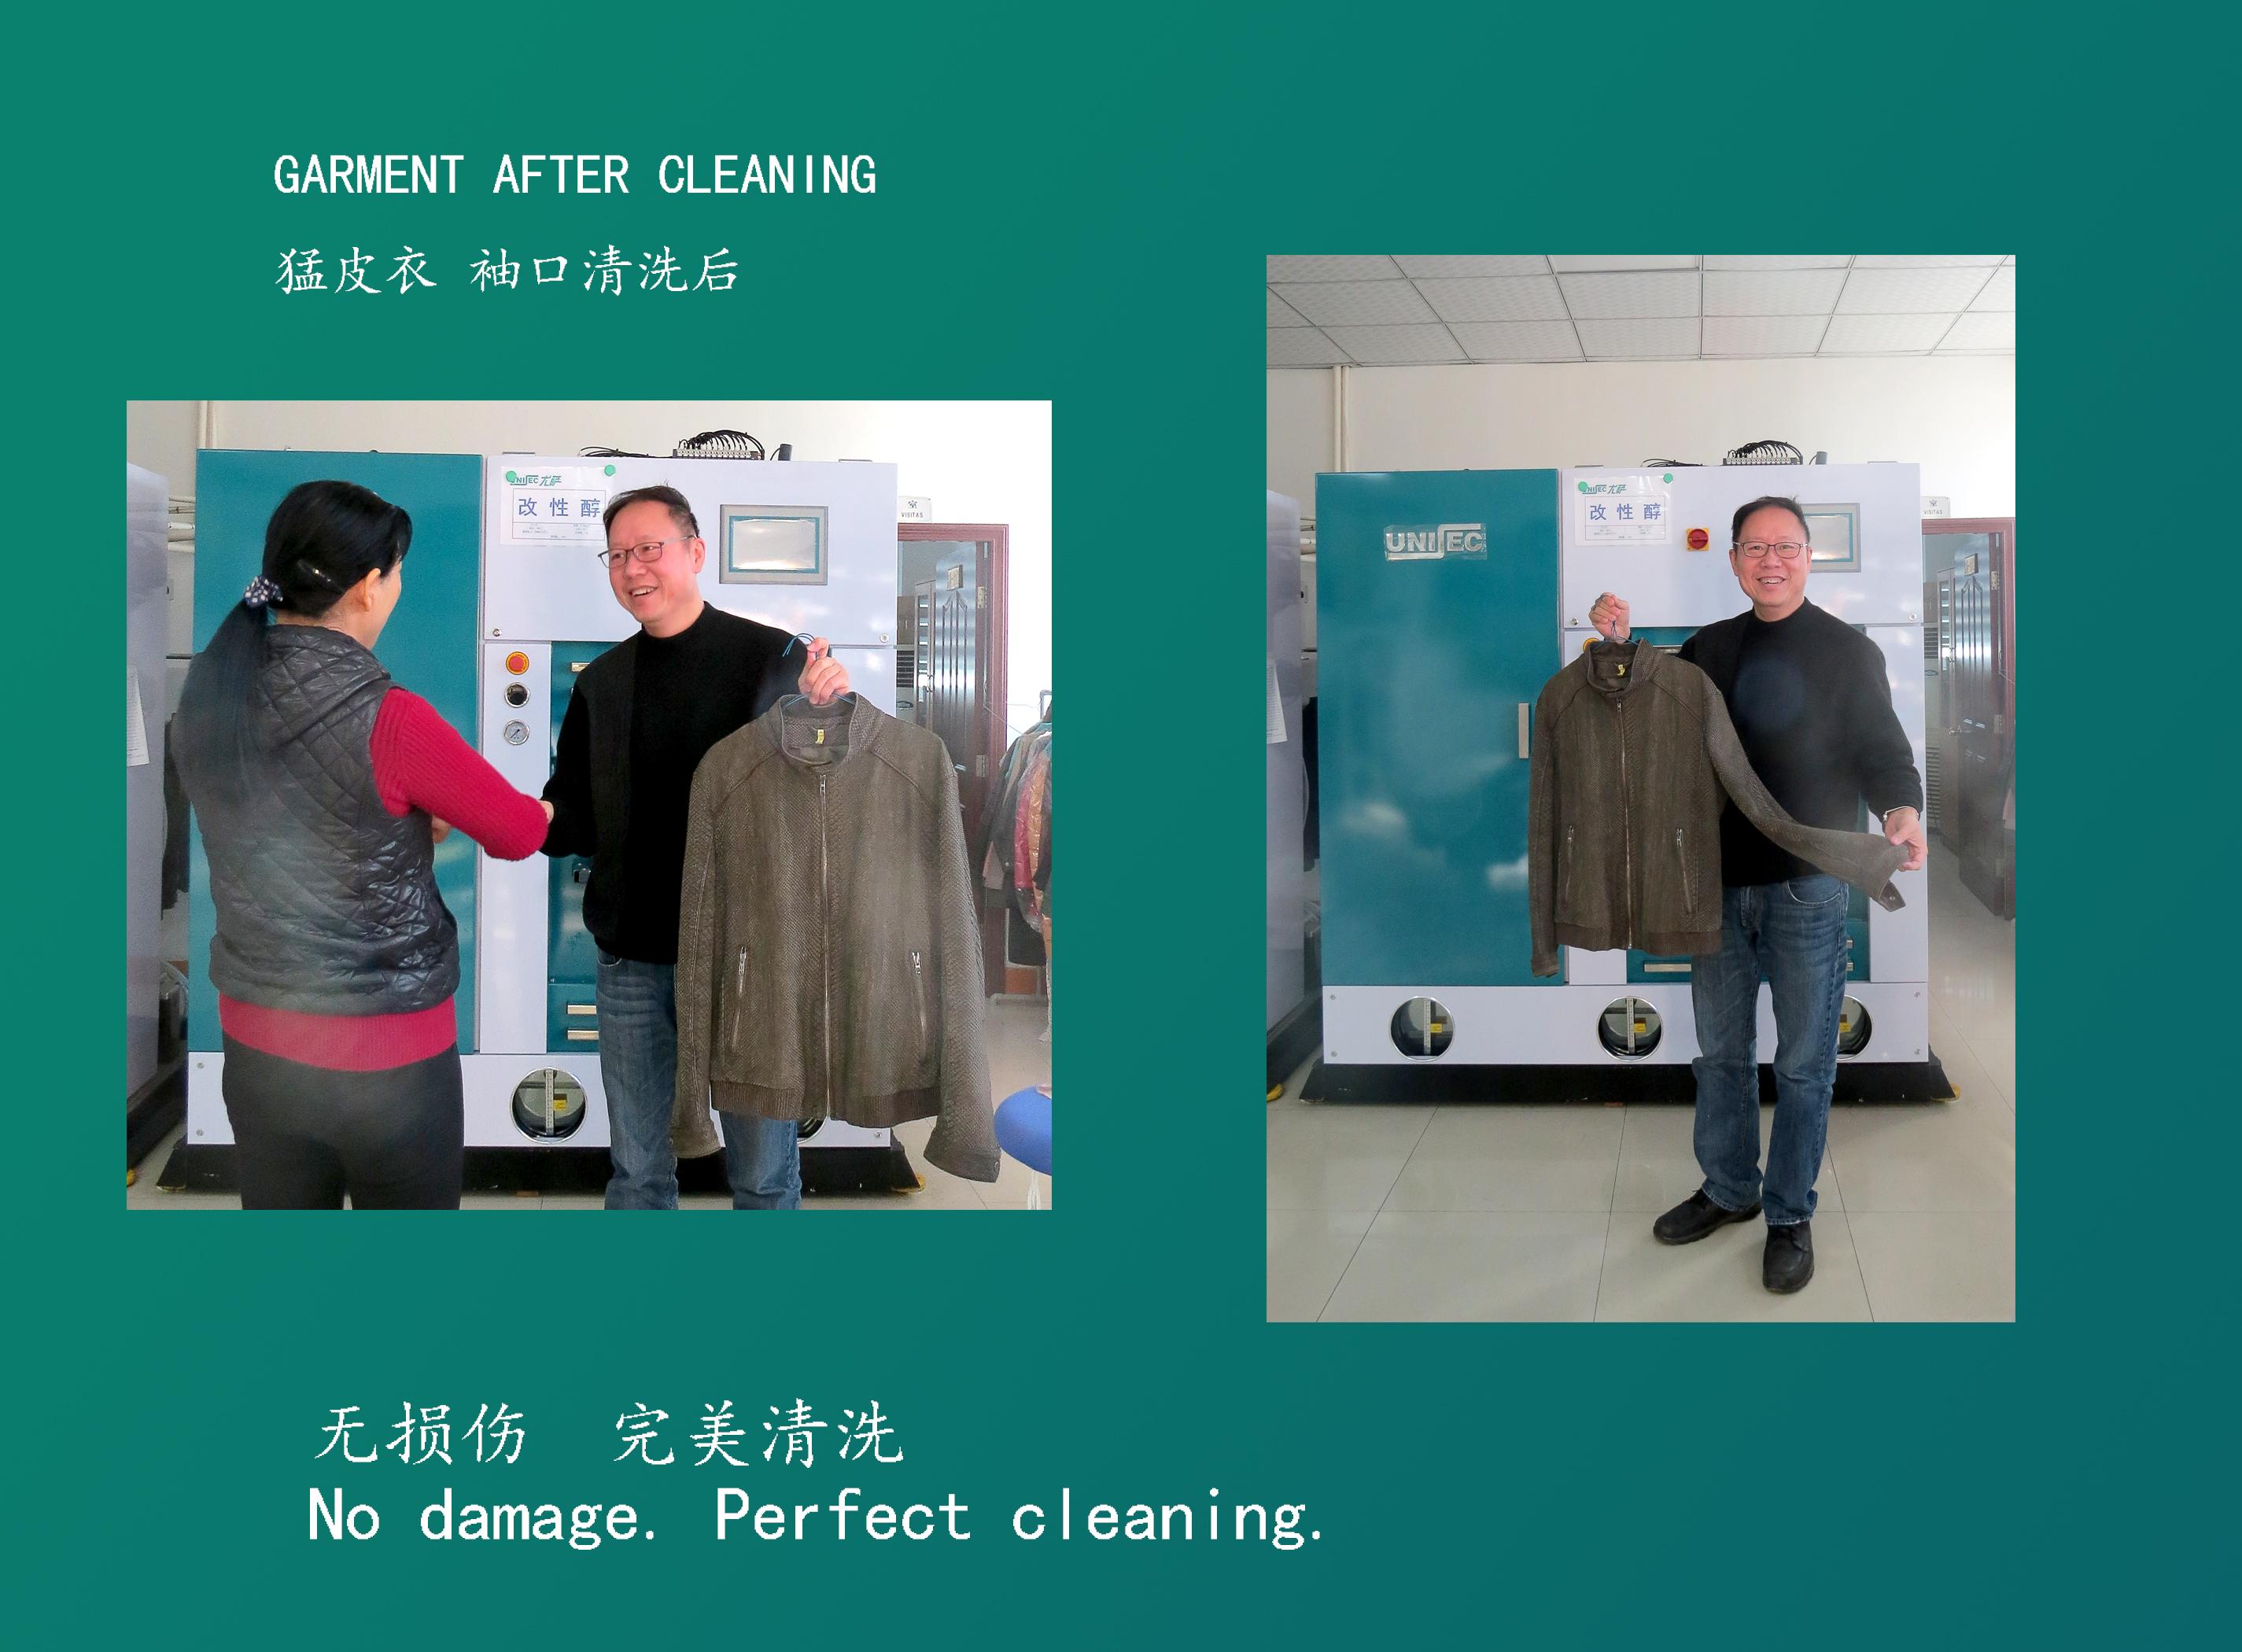 尤萨多溶剂干洗机,完美清洗奢侈皮衣